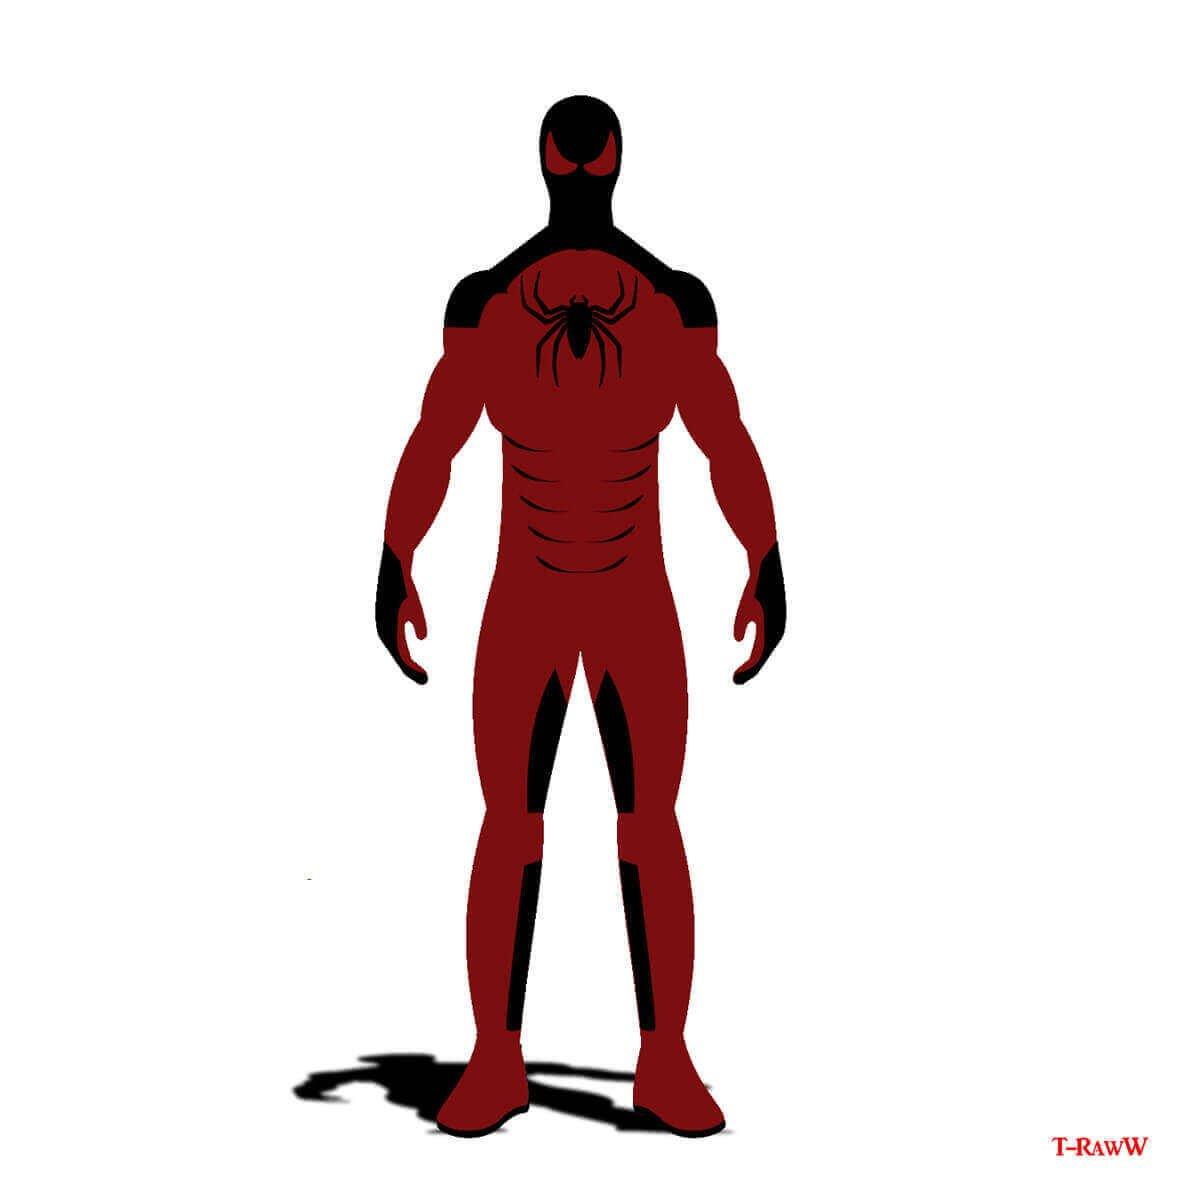 красно-черный вариант одеяния супергероя